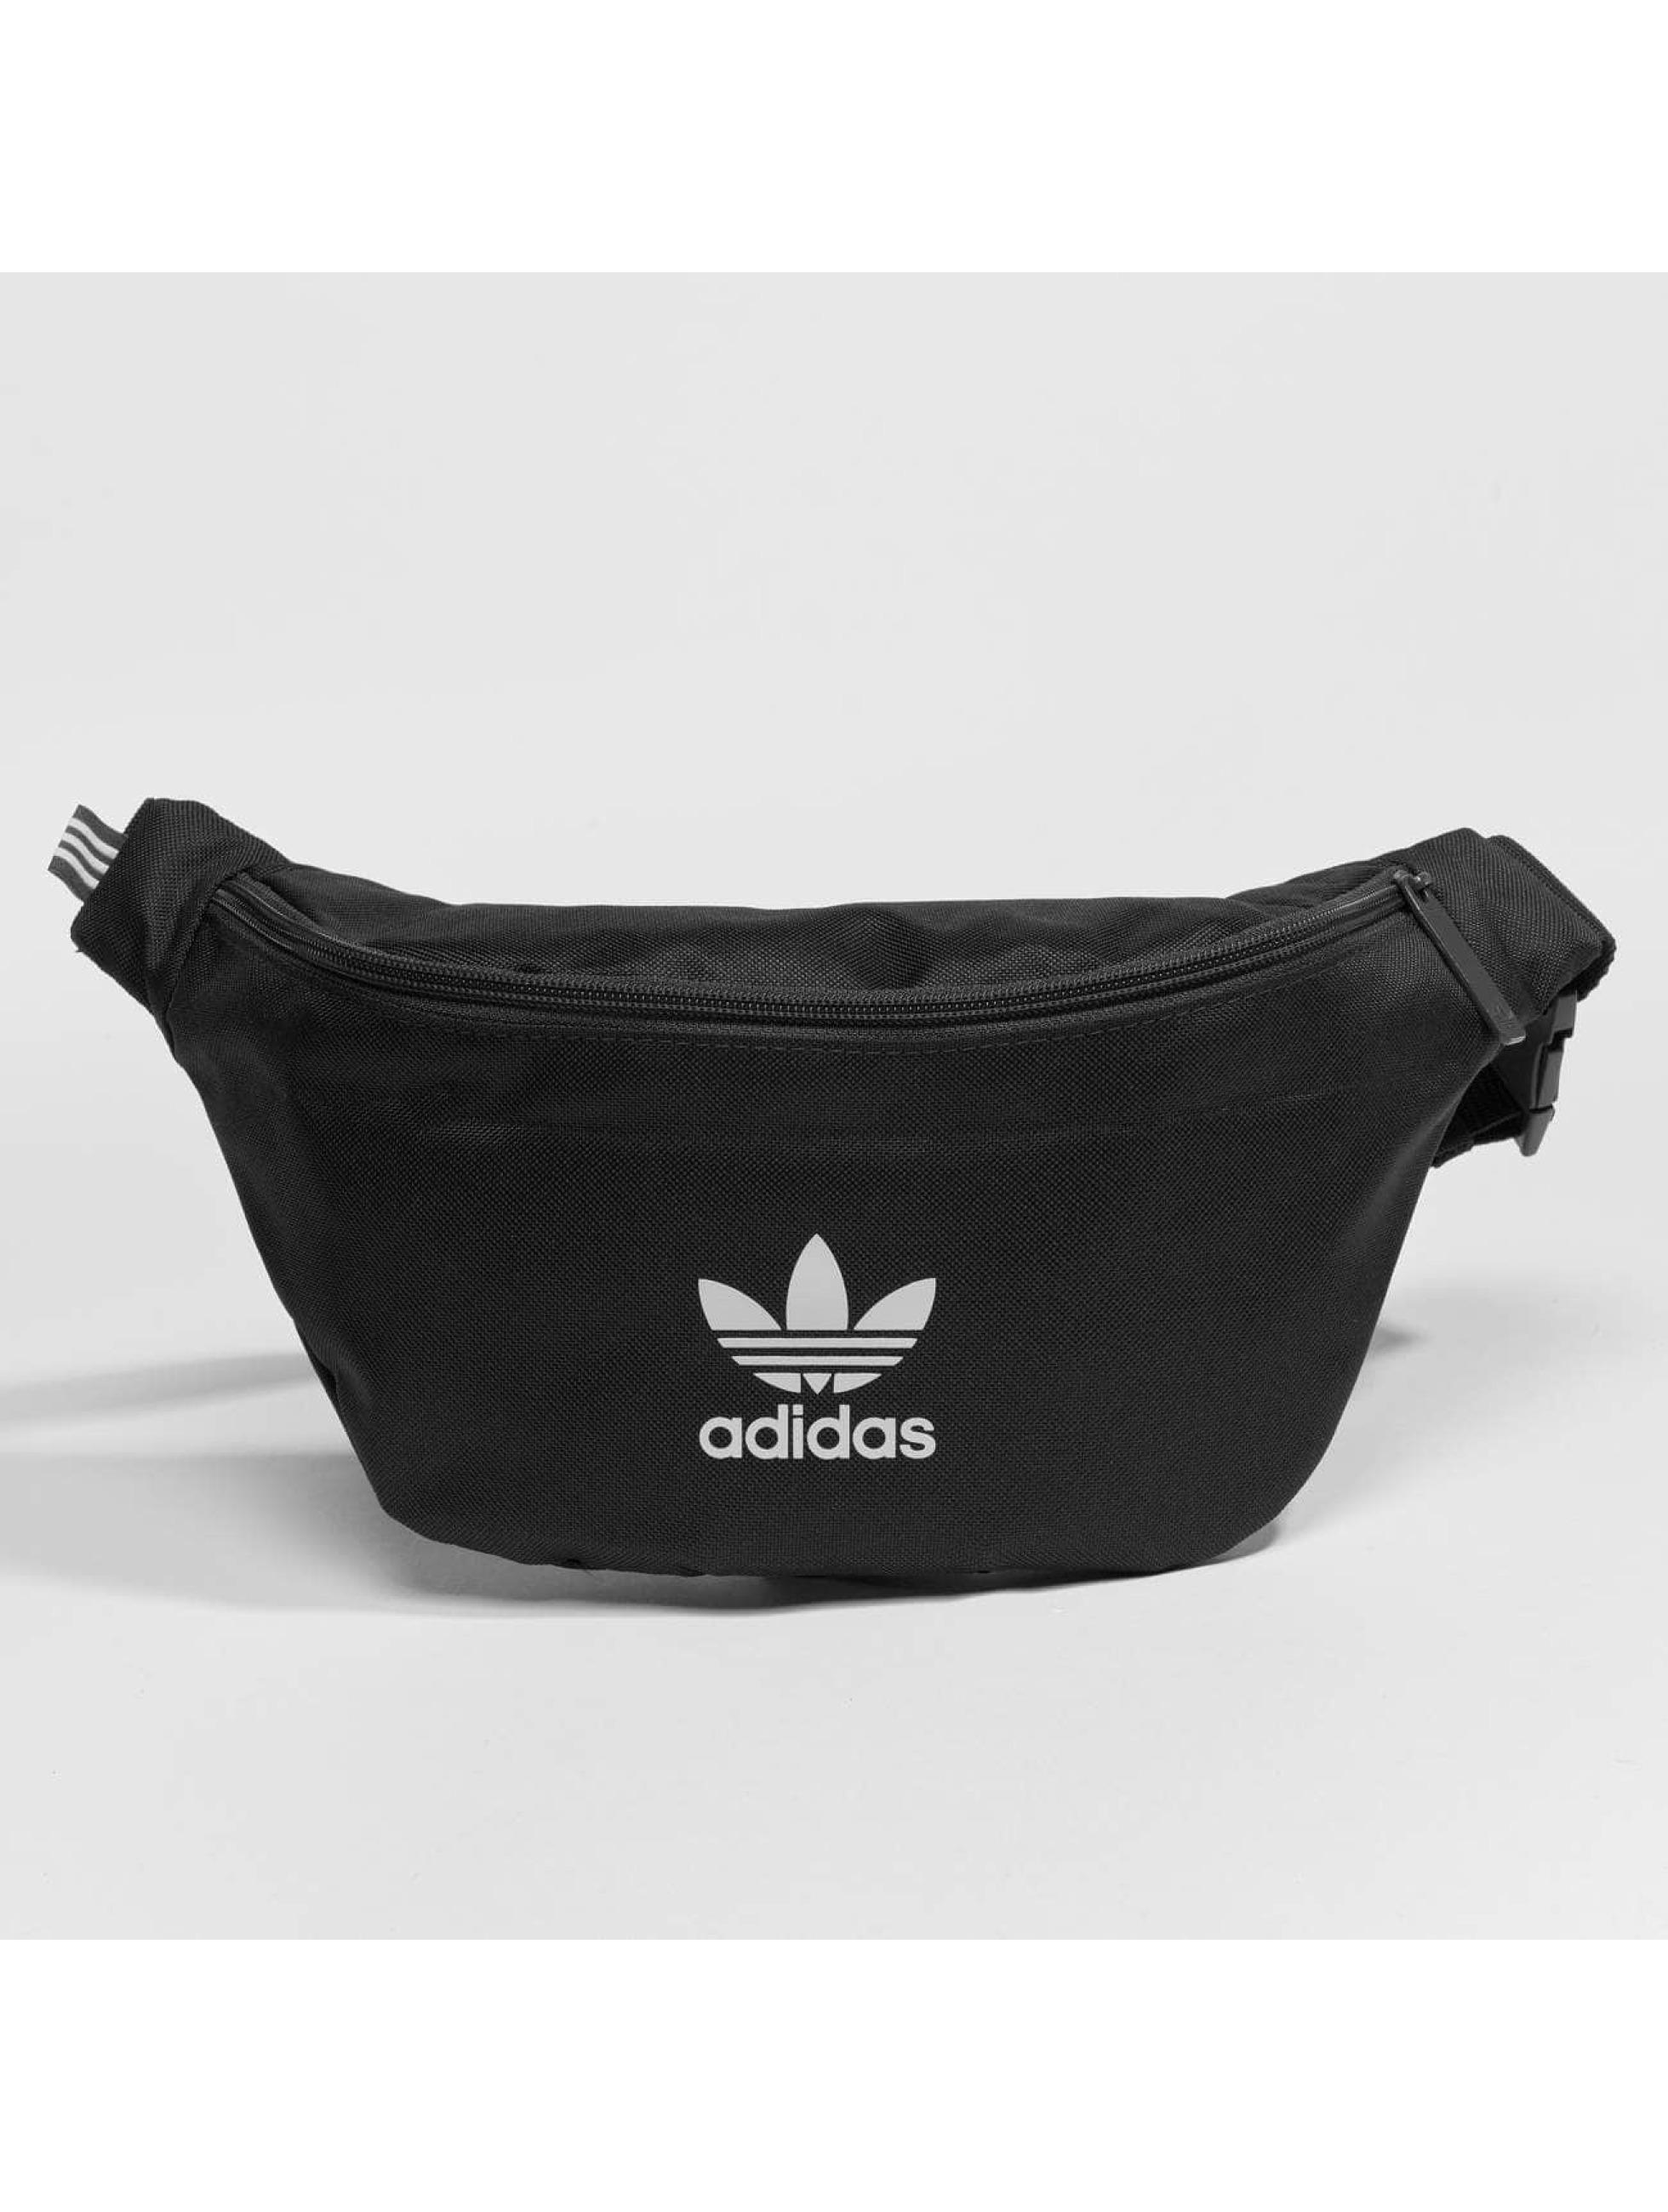 adidas originals Tasche Basic grau